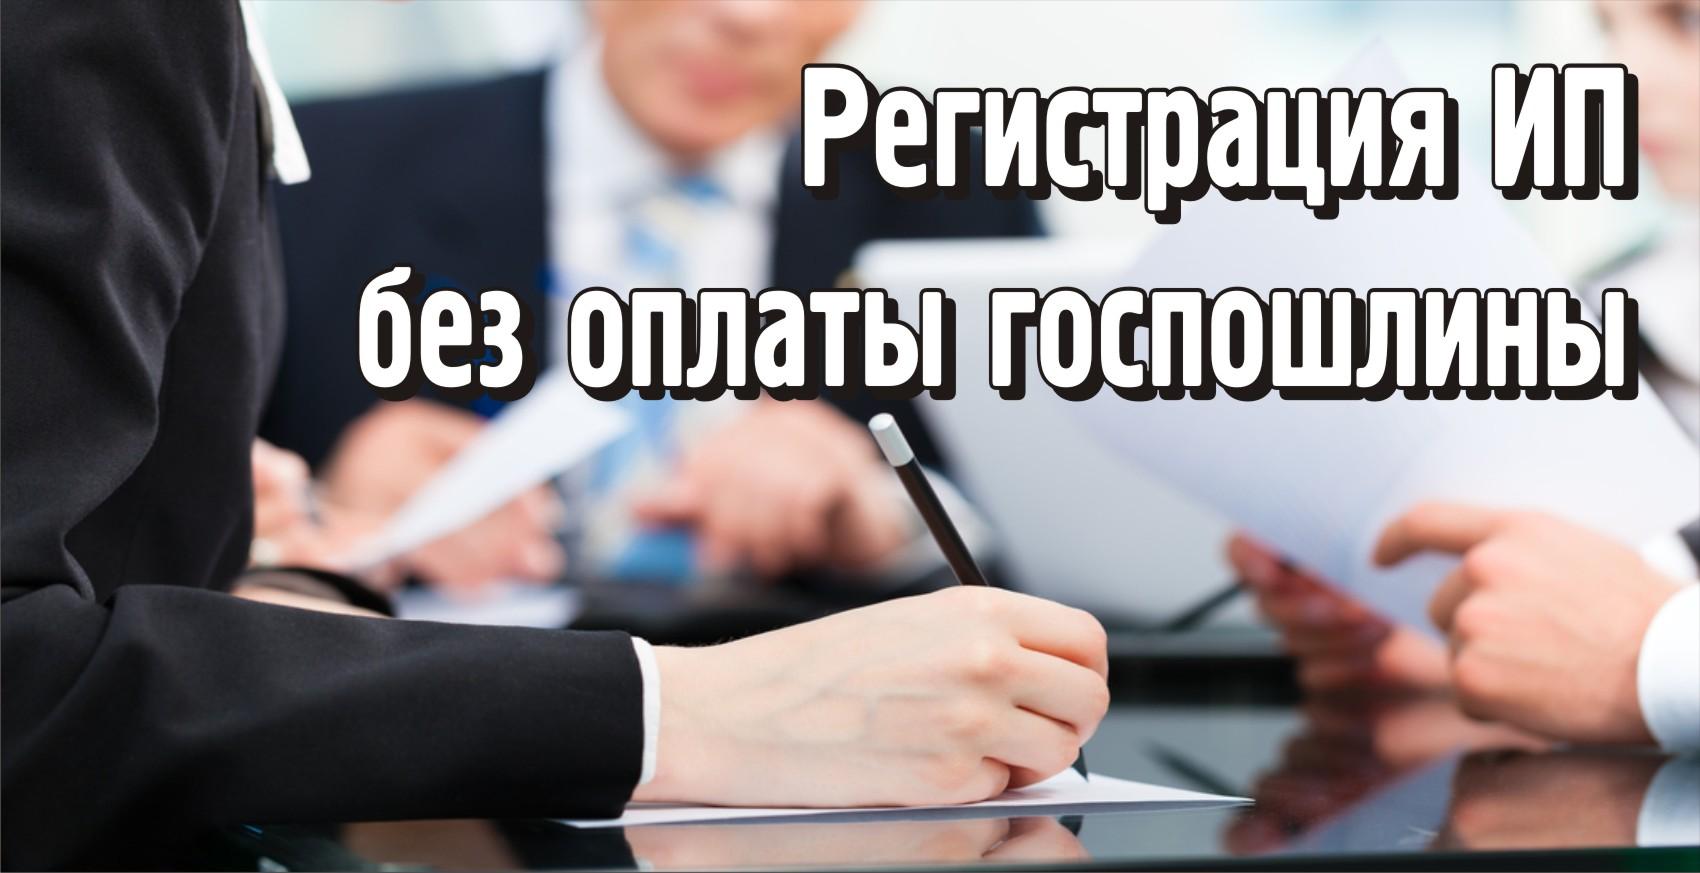 Законодательство по регистрации ип регистрация ип документы и формы